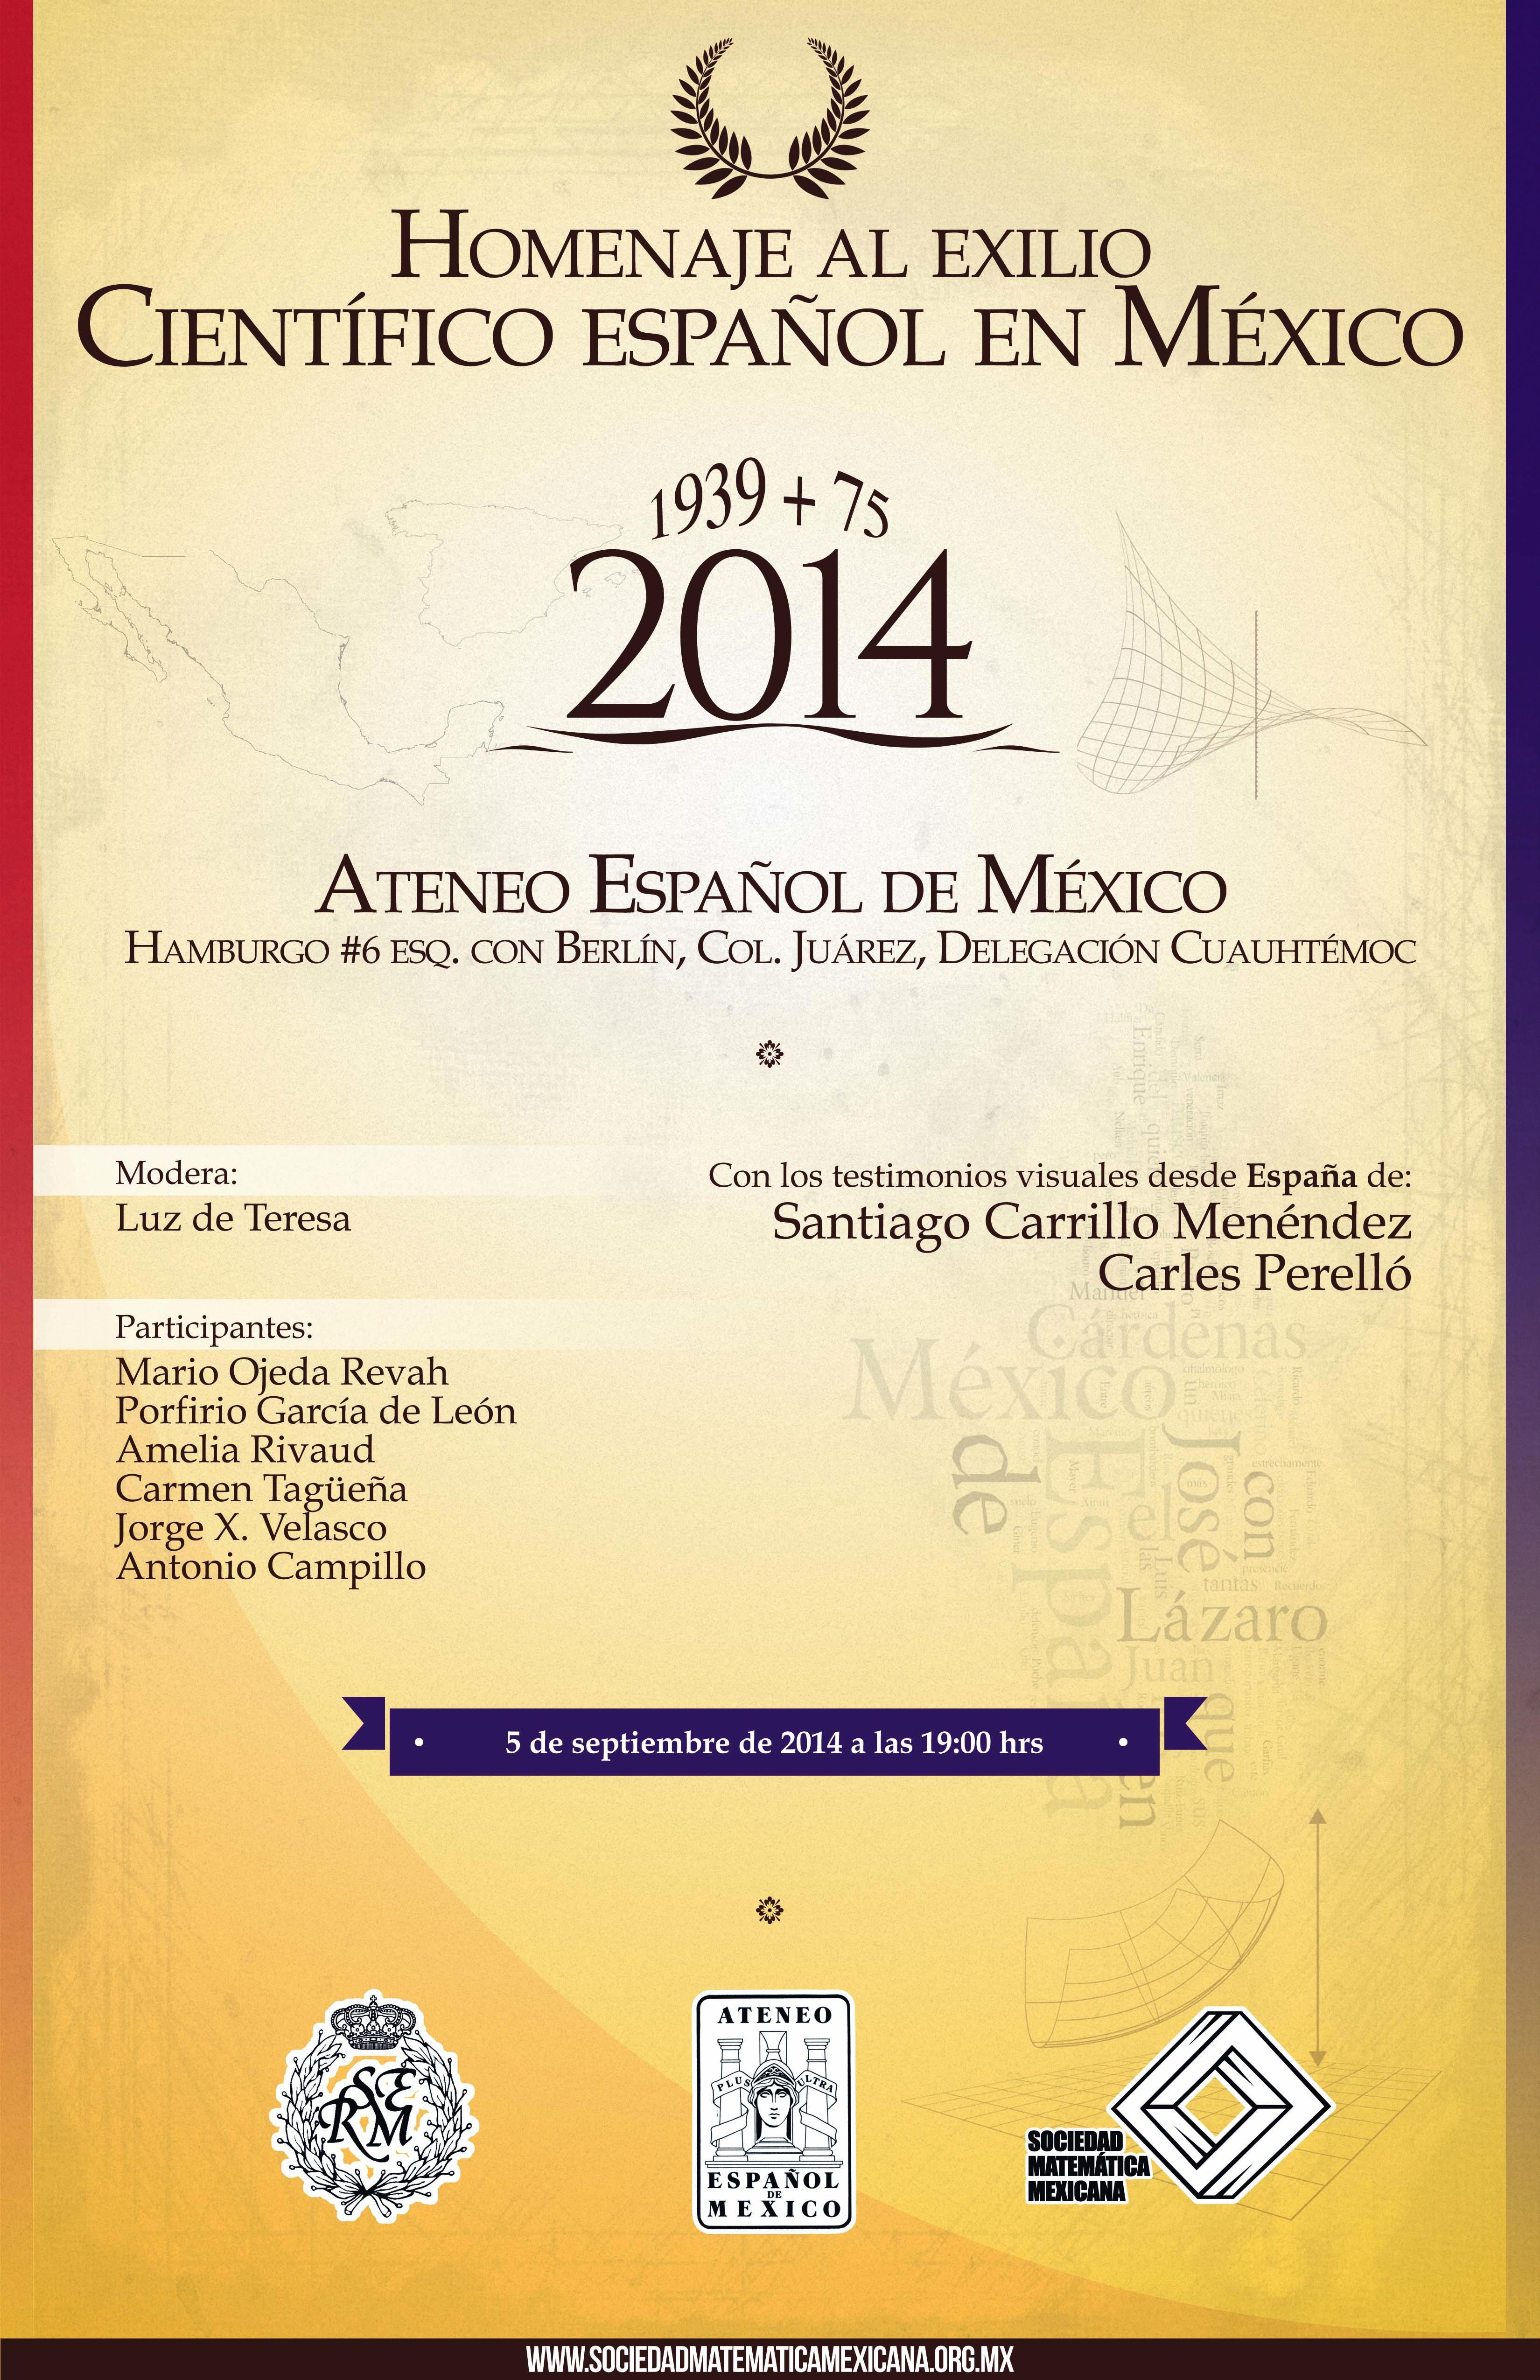 Homenaje al exilio científico español en México